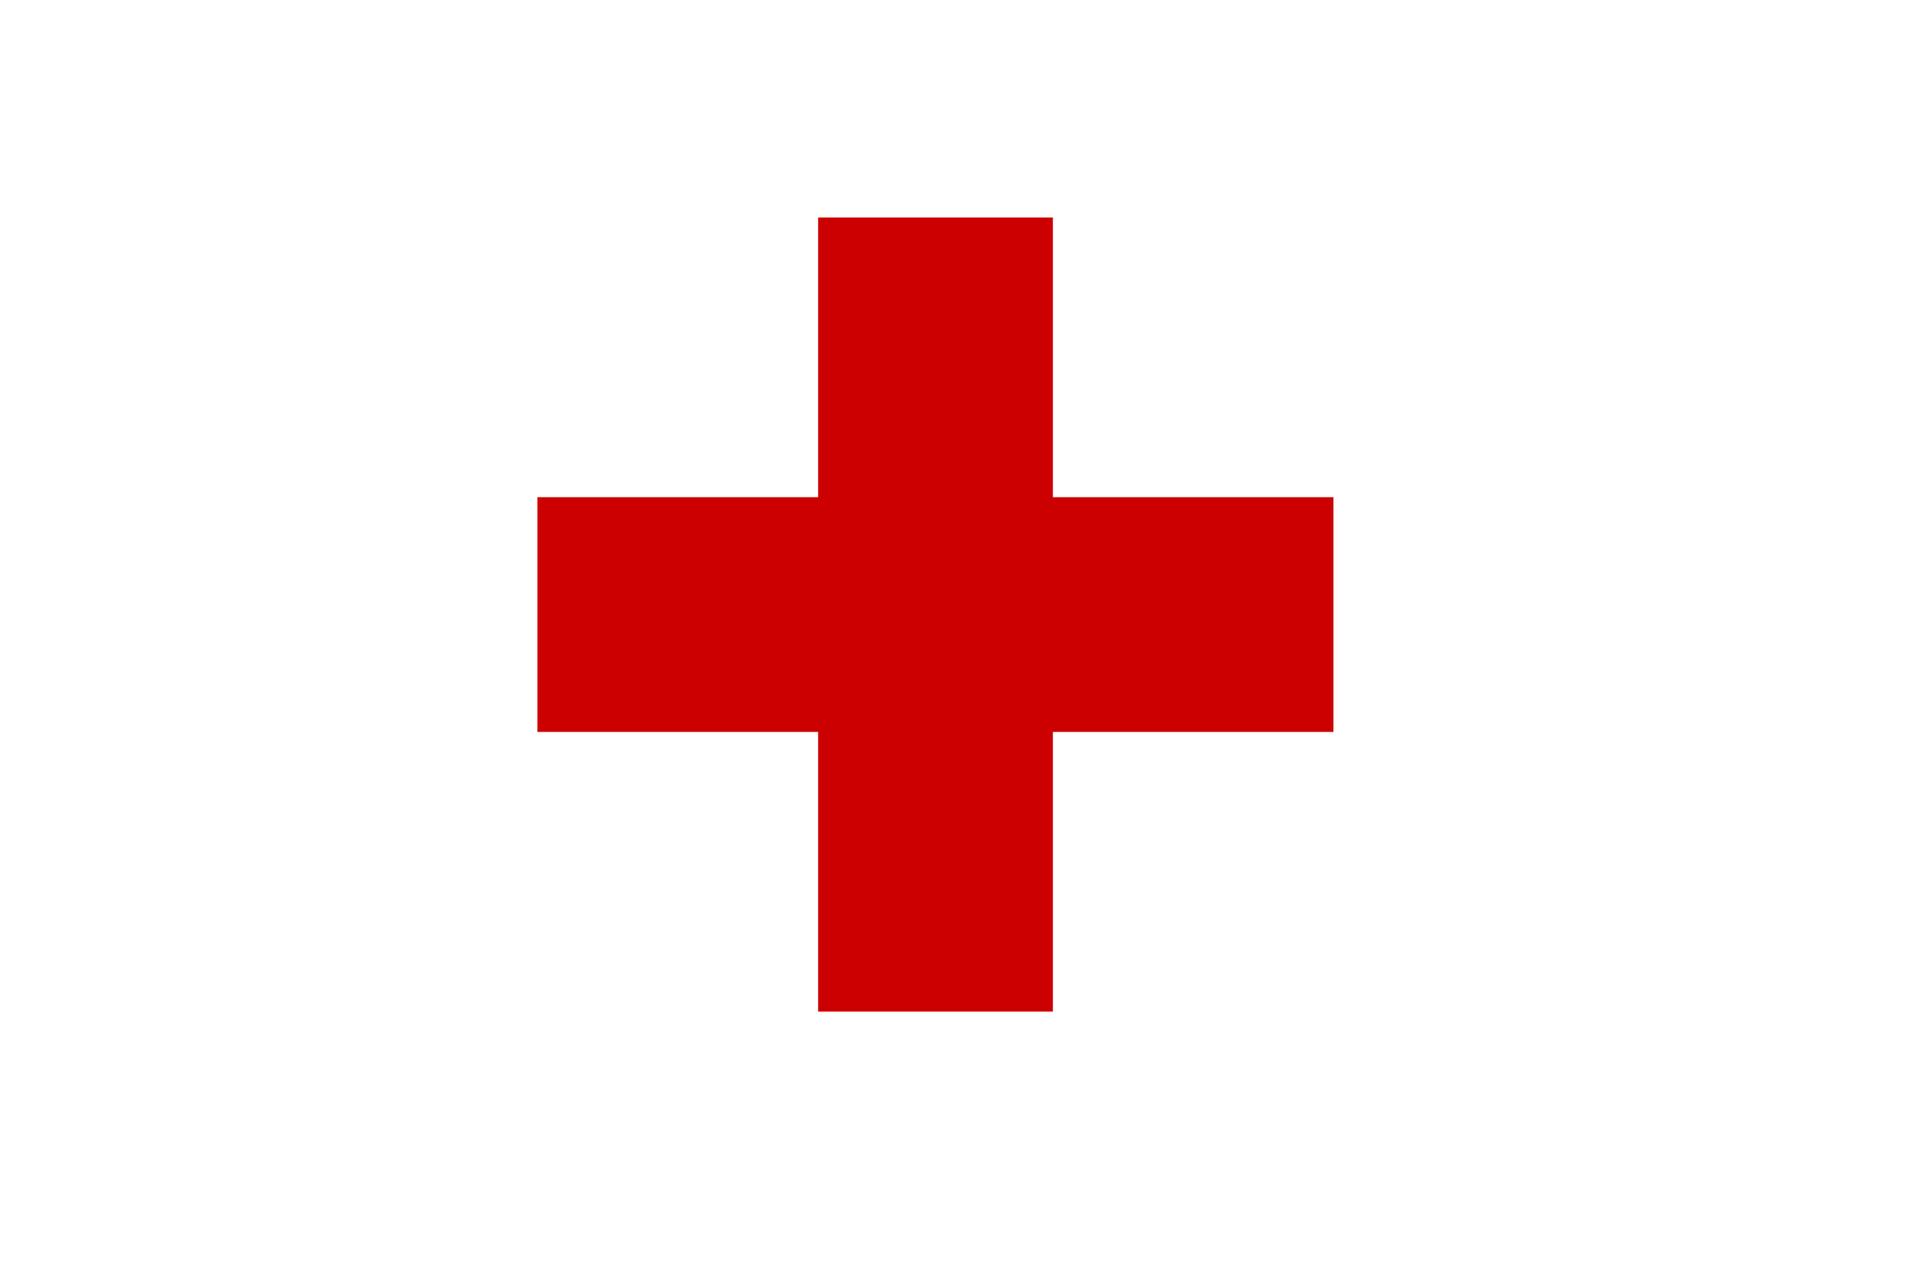 Galeria składa się z4 czerwonych symboli ułożonych wdwóch rzędach. Pierwszy symbol: czerwony krzyż orównych ramionach.